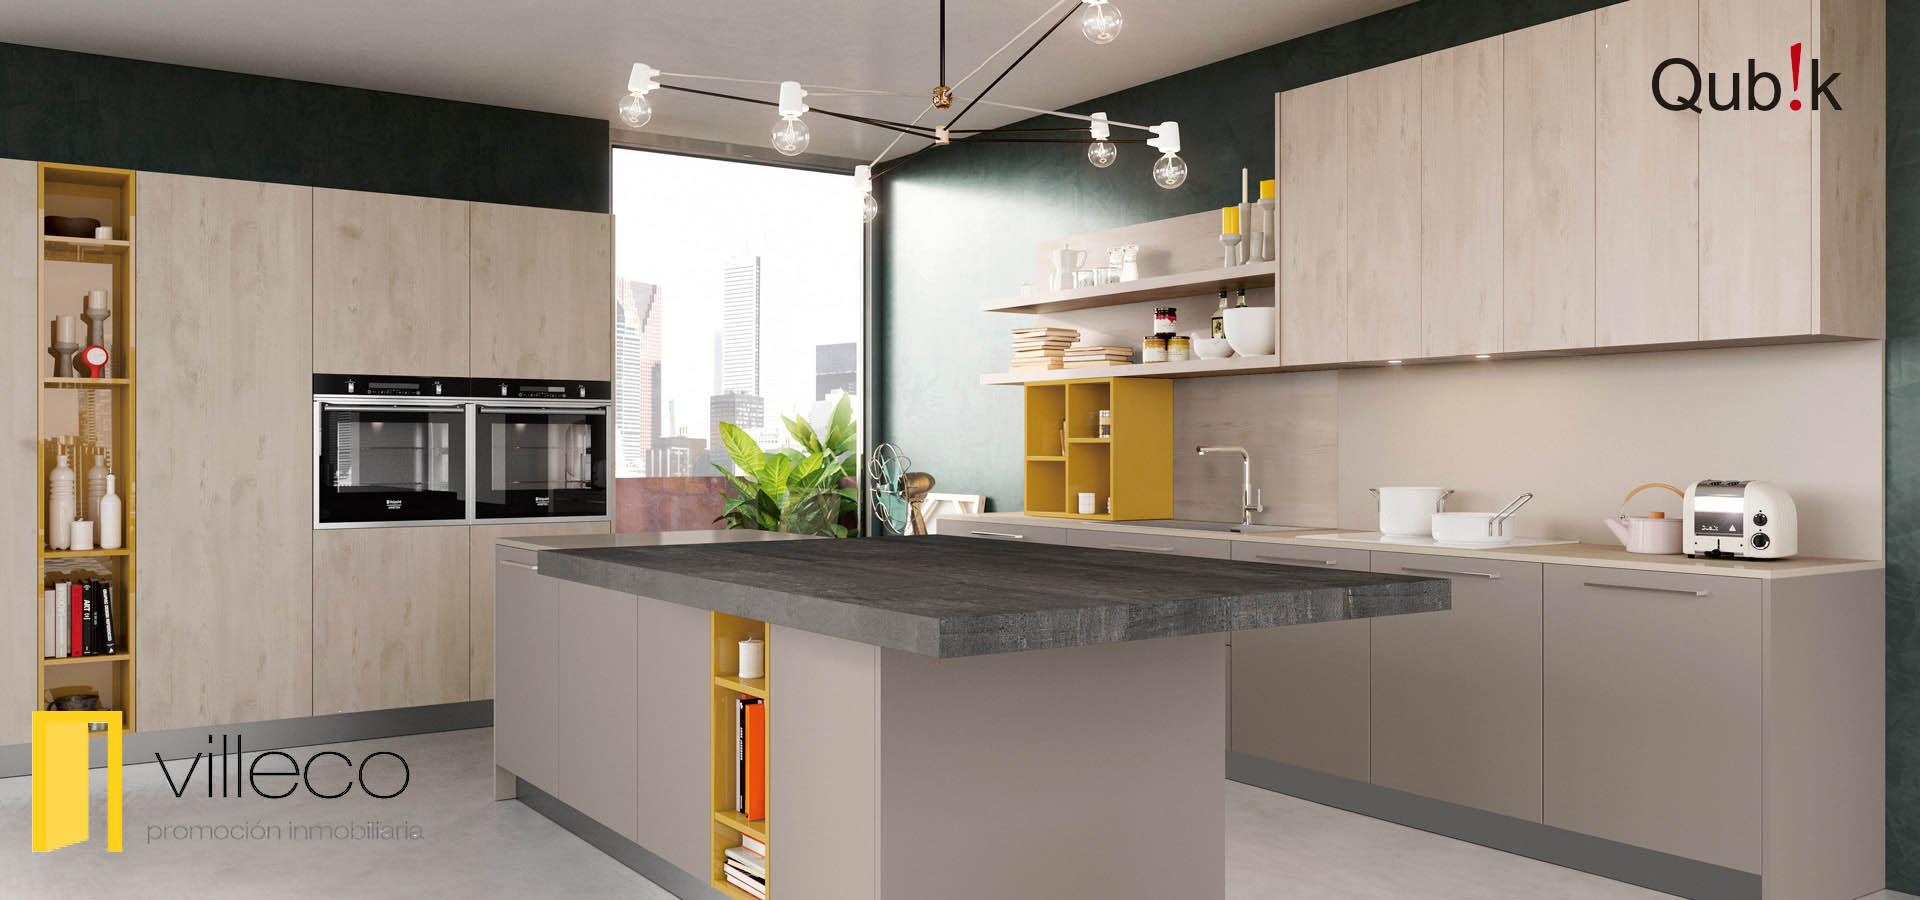 Cocinas contemporáneas – Villeco Promociones Inmobiliarias